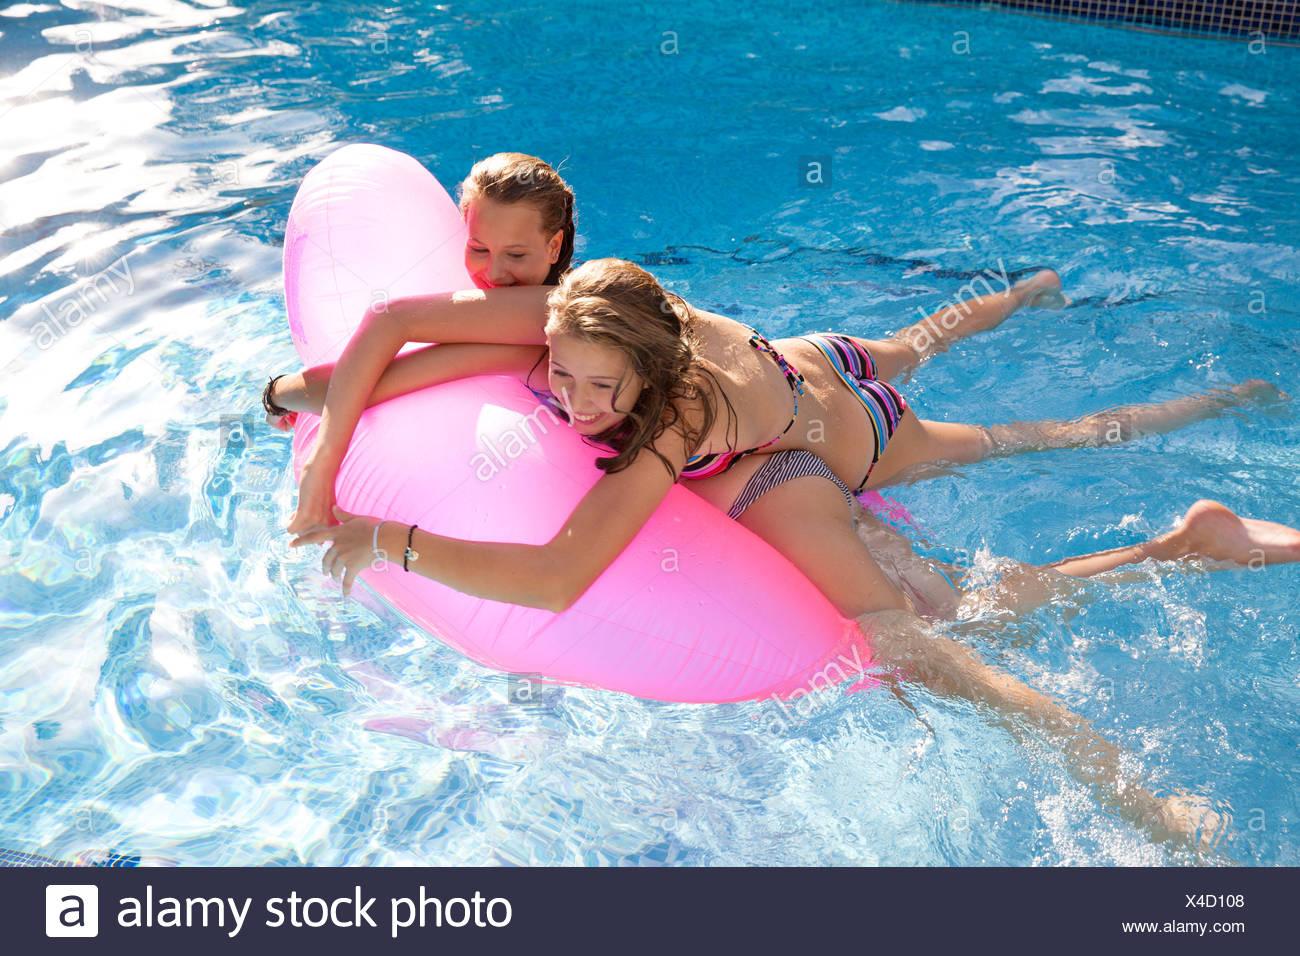 Zwei Mädchen im Teenageralter festhalten Luftmatratze im pool Stockbild